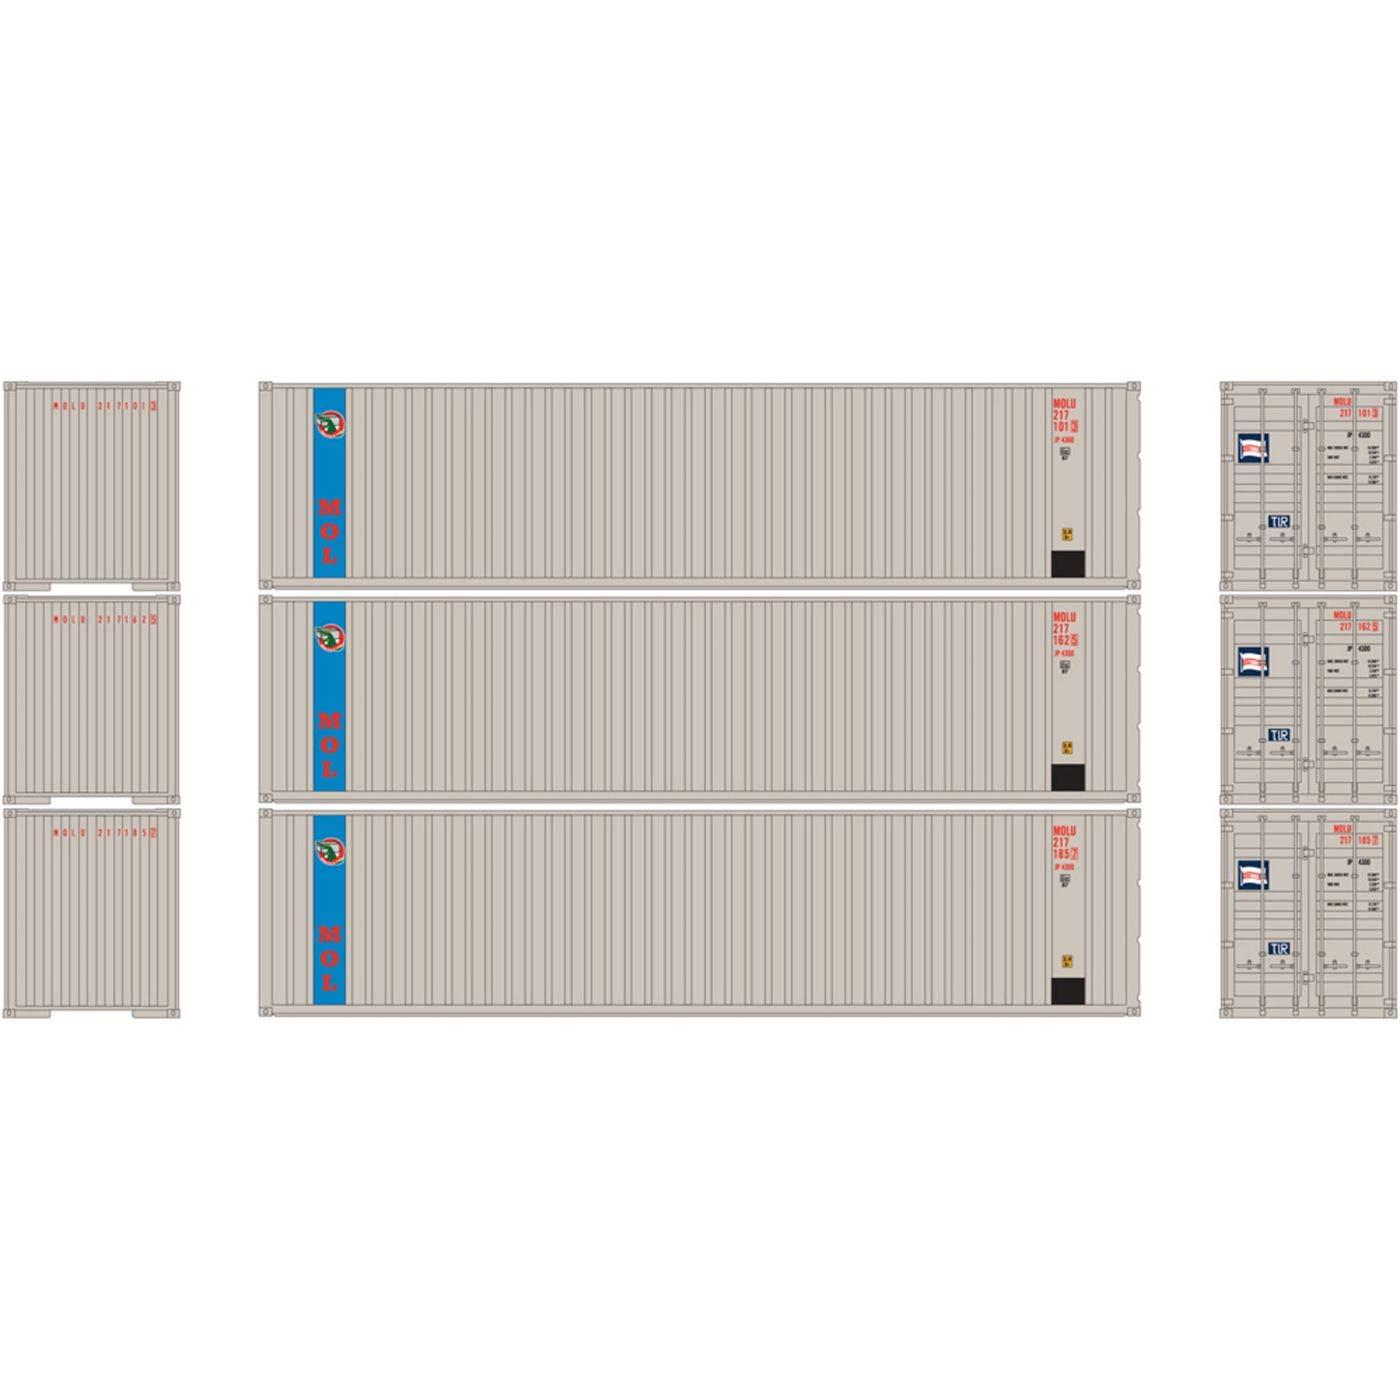 激安特価 HO RTR 40フィート 40フィート RTR HO コルゲートコンテナ フラットパネルMOL(3) B0768GF72R, 気仙郡:50cc8064 --- a0267596.xsph.ru